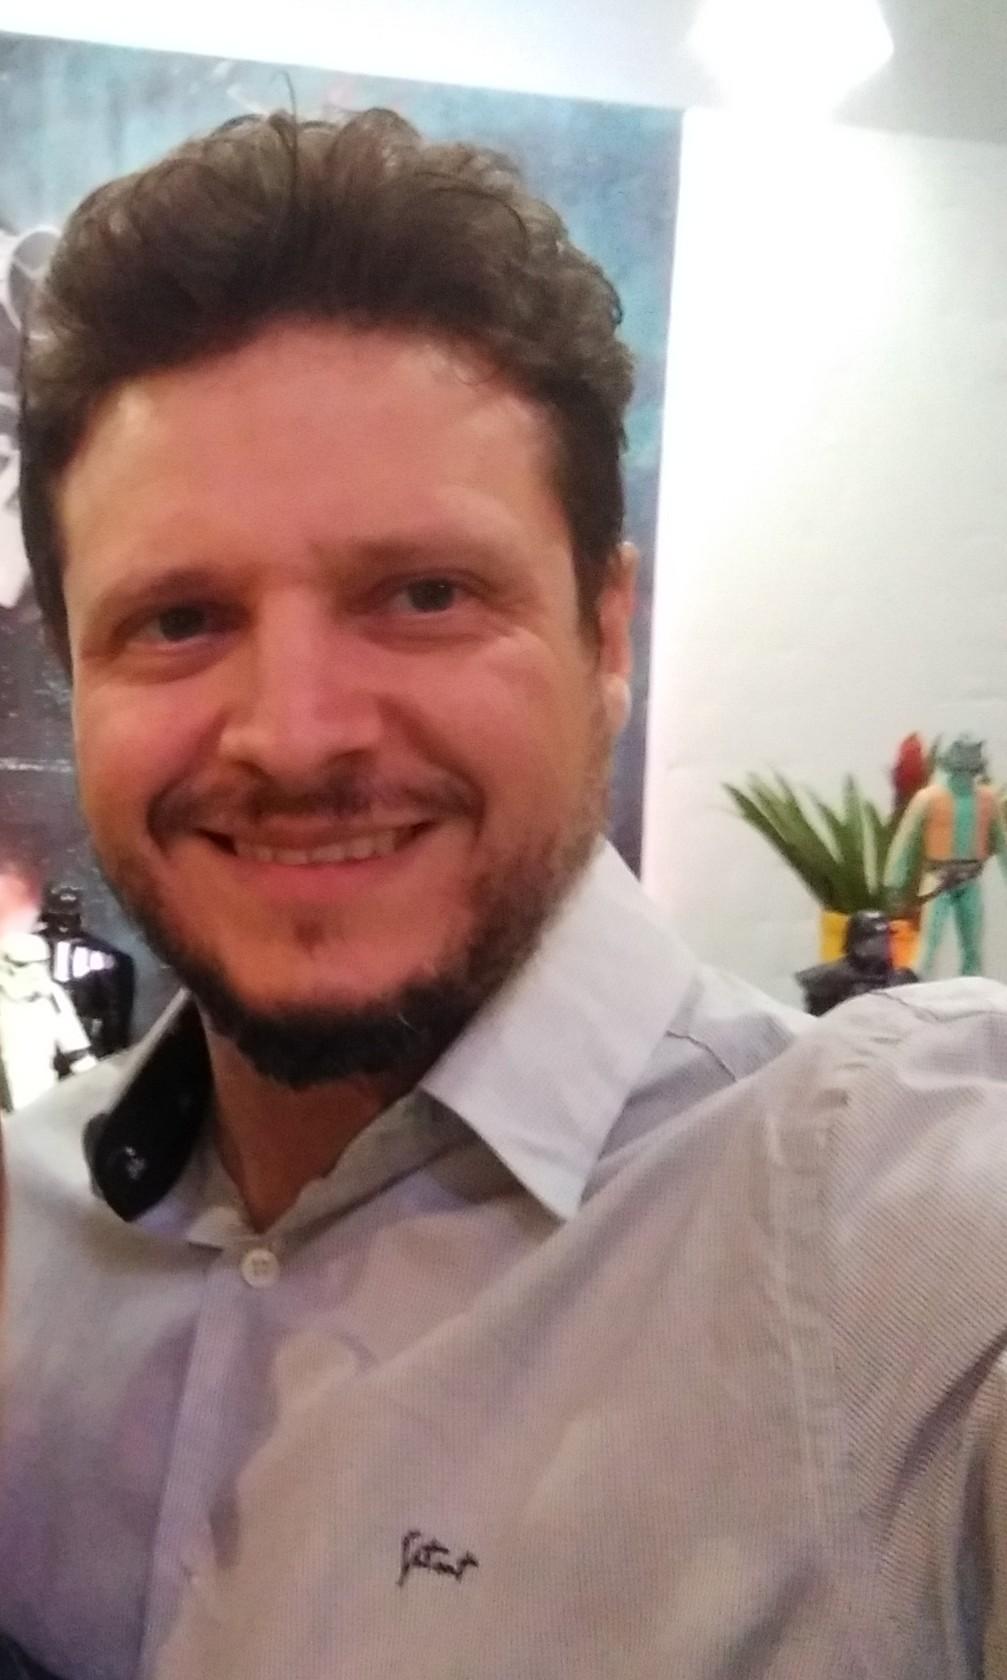 ENTREVISTA: Emilson Feliciano - Aprovado  no concurso ISS Curitiba em 10º lugar no cargo de Auditor Fiscal